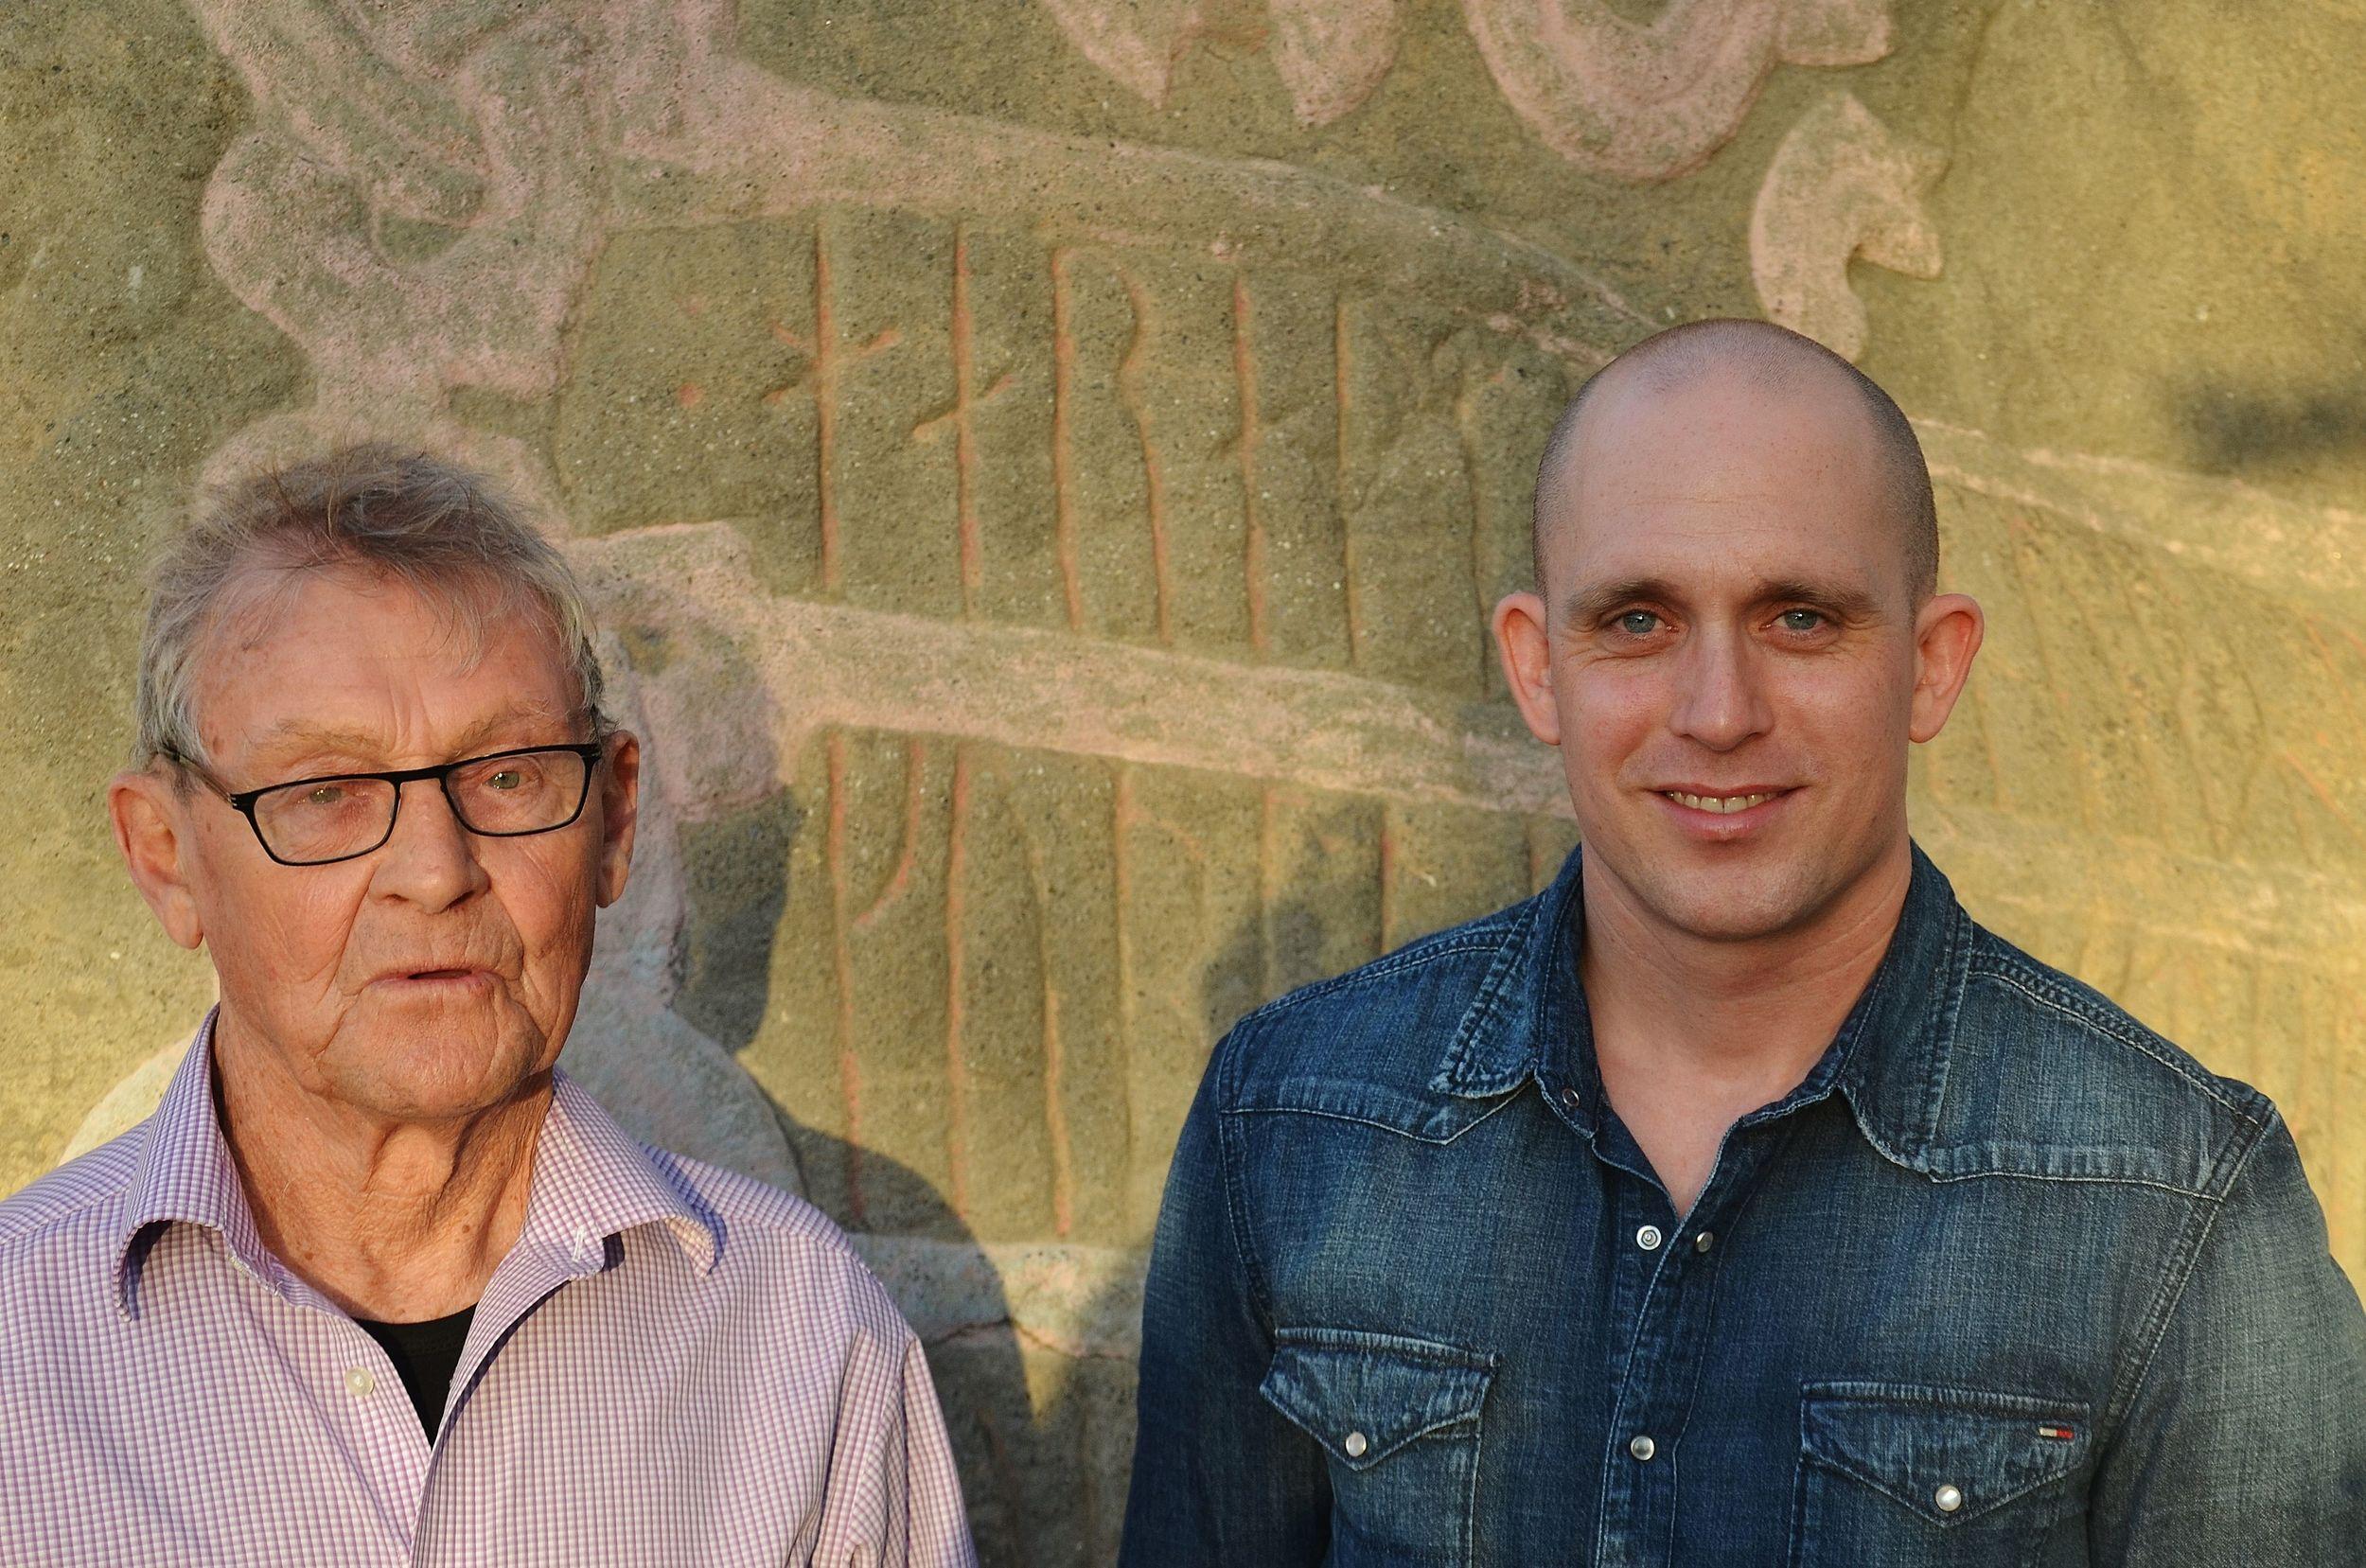 Jens Rosendahl & Rasmus Skov Borring